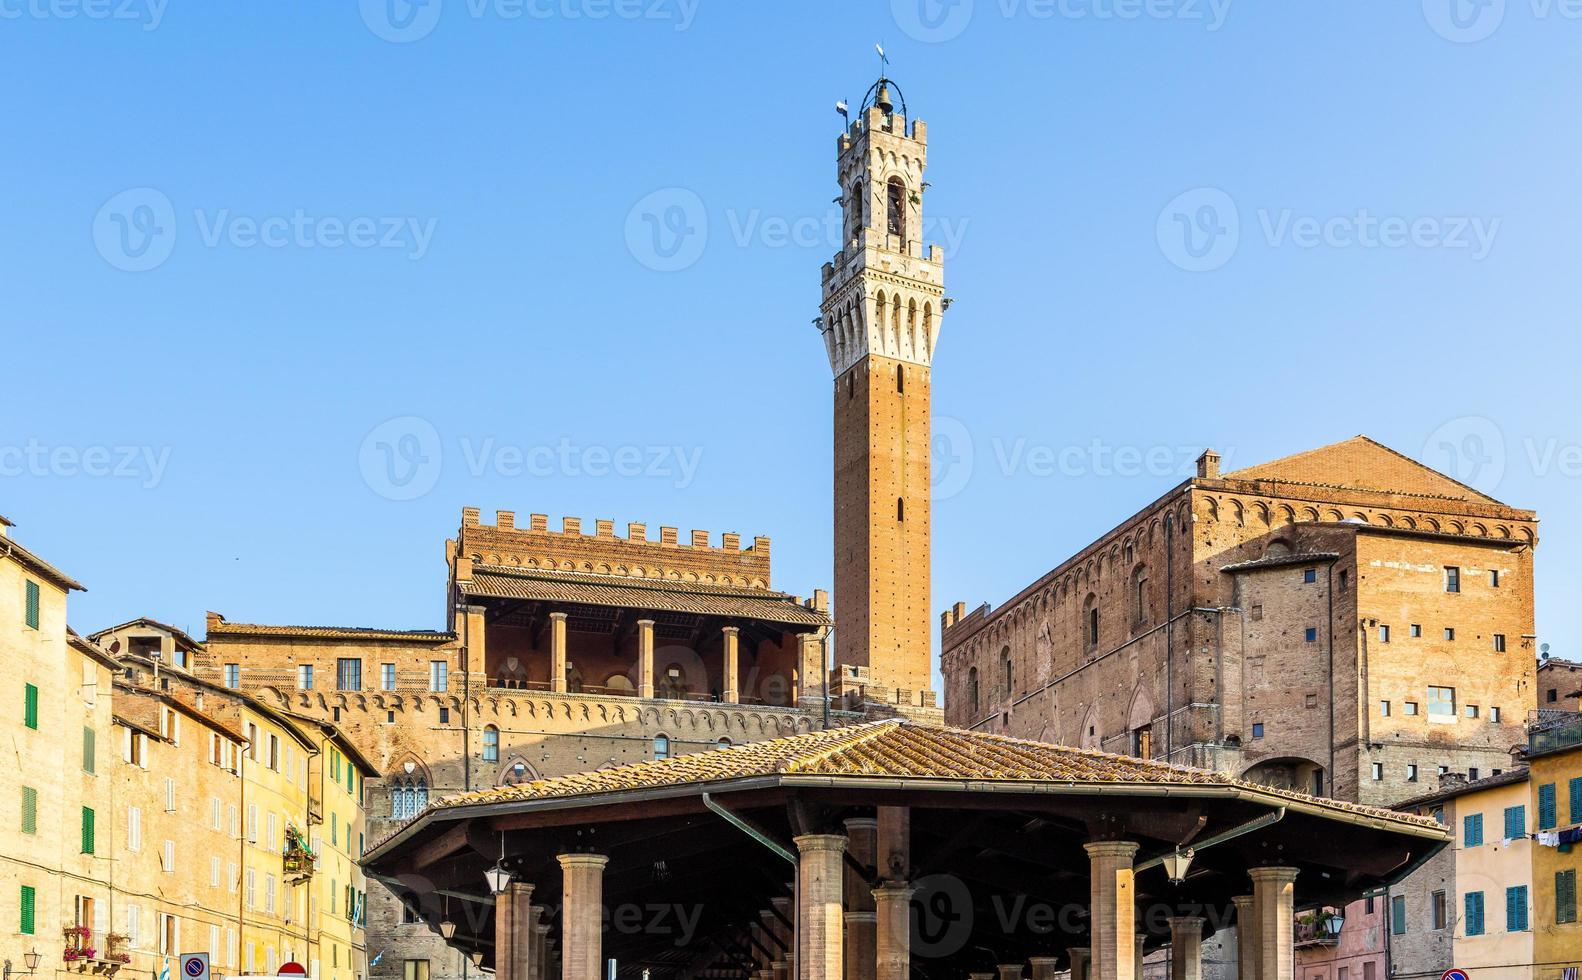 Vieille ville historique de Sienne, Italie photo